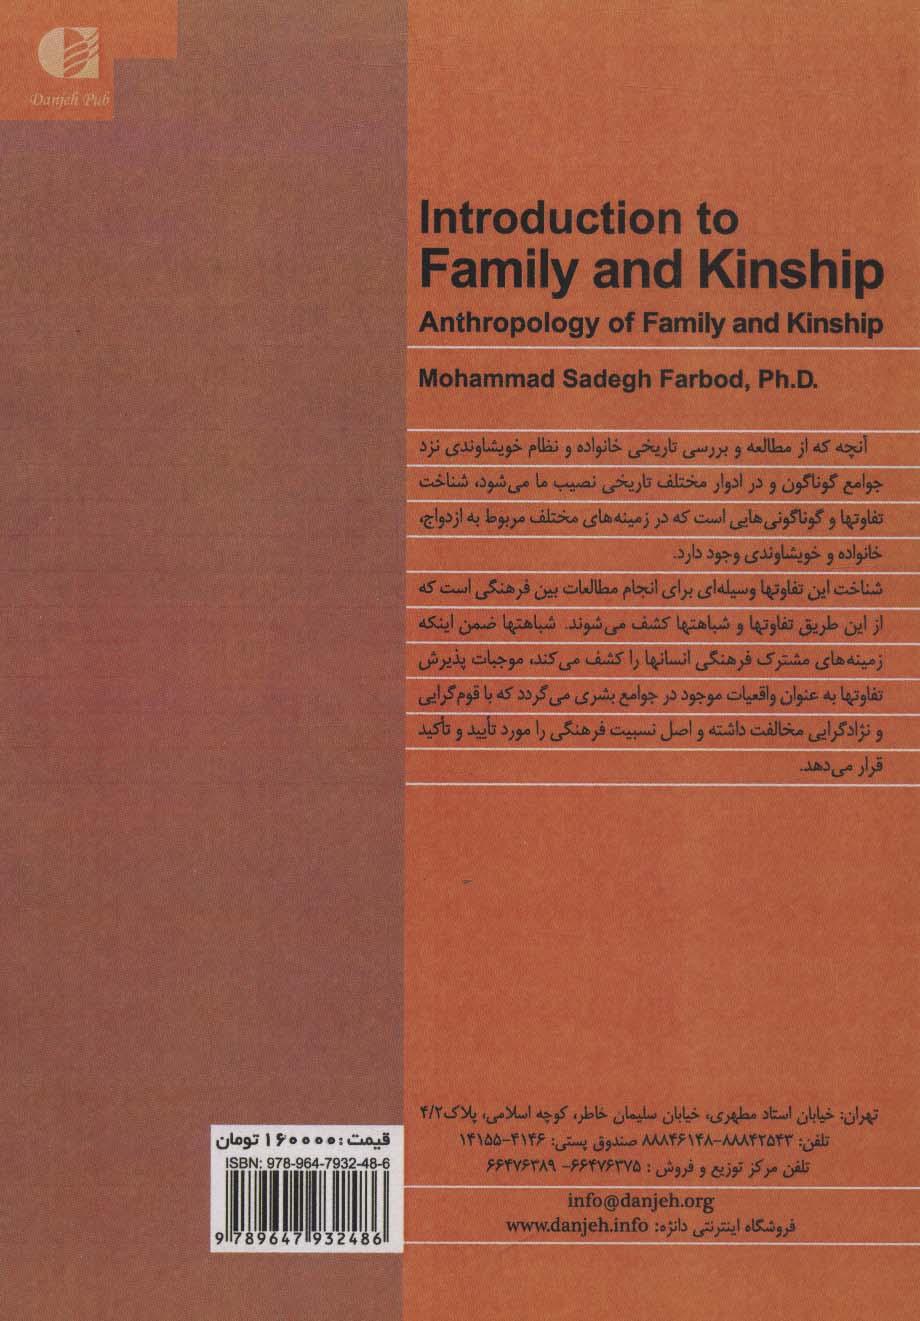 درآمدی بر خانواده و خویشاوندی (انسان شناسی خانواده و خویشاوندی)